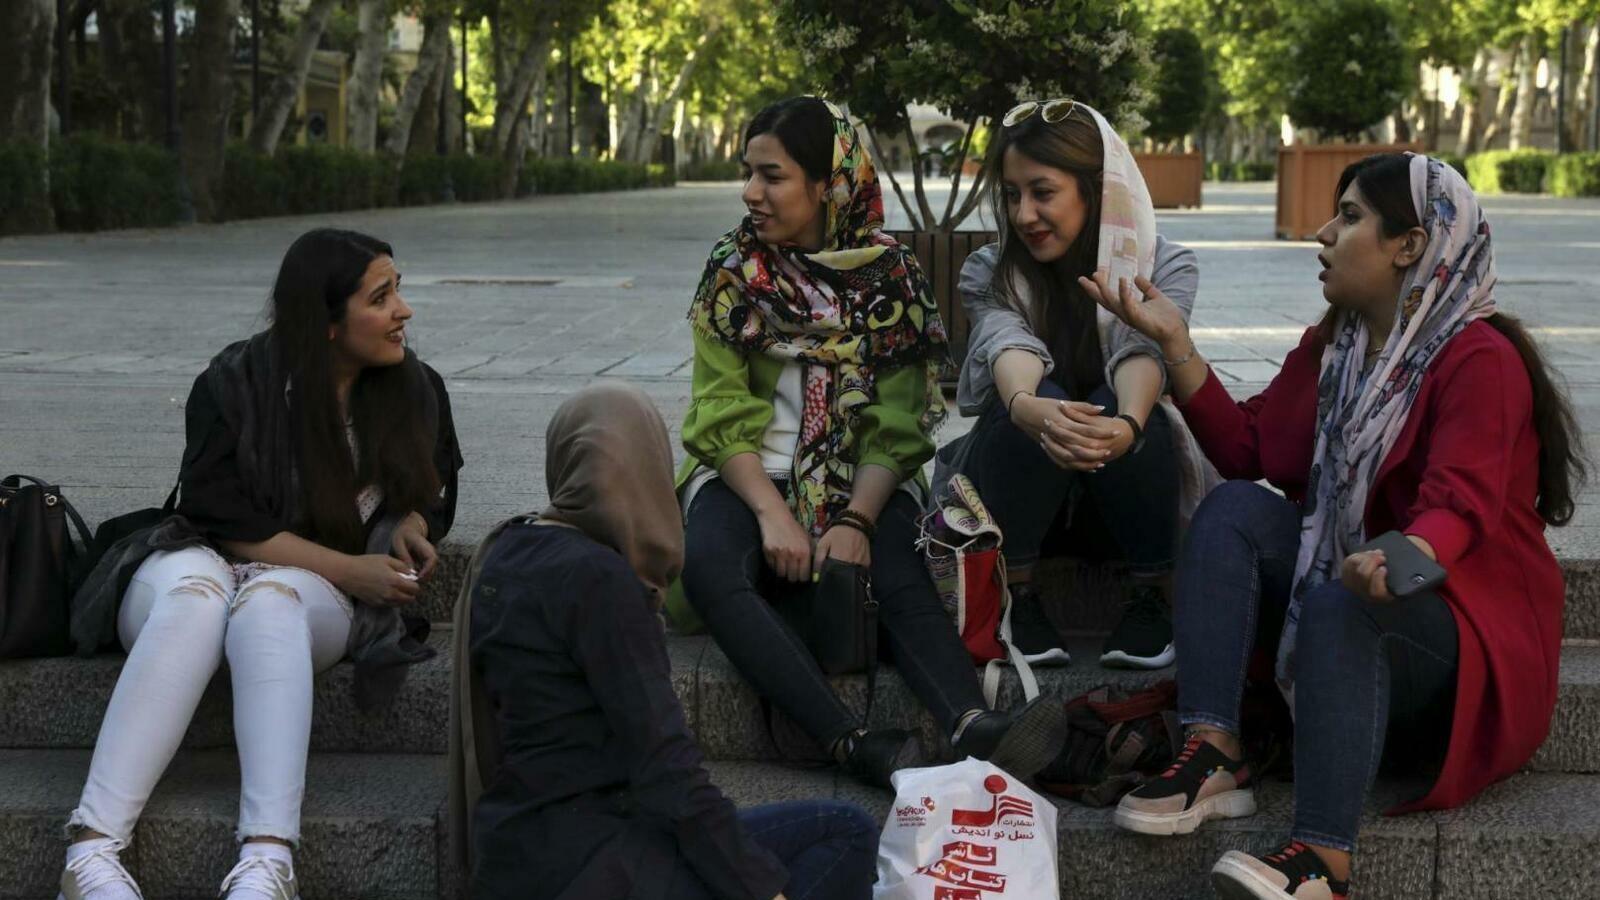 البنتاعون: منعنا هجمات من ايران وخطرها قائم